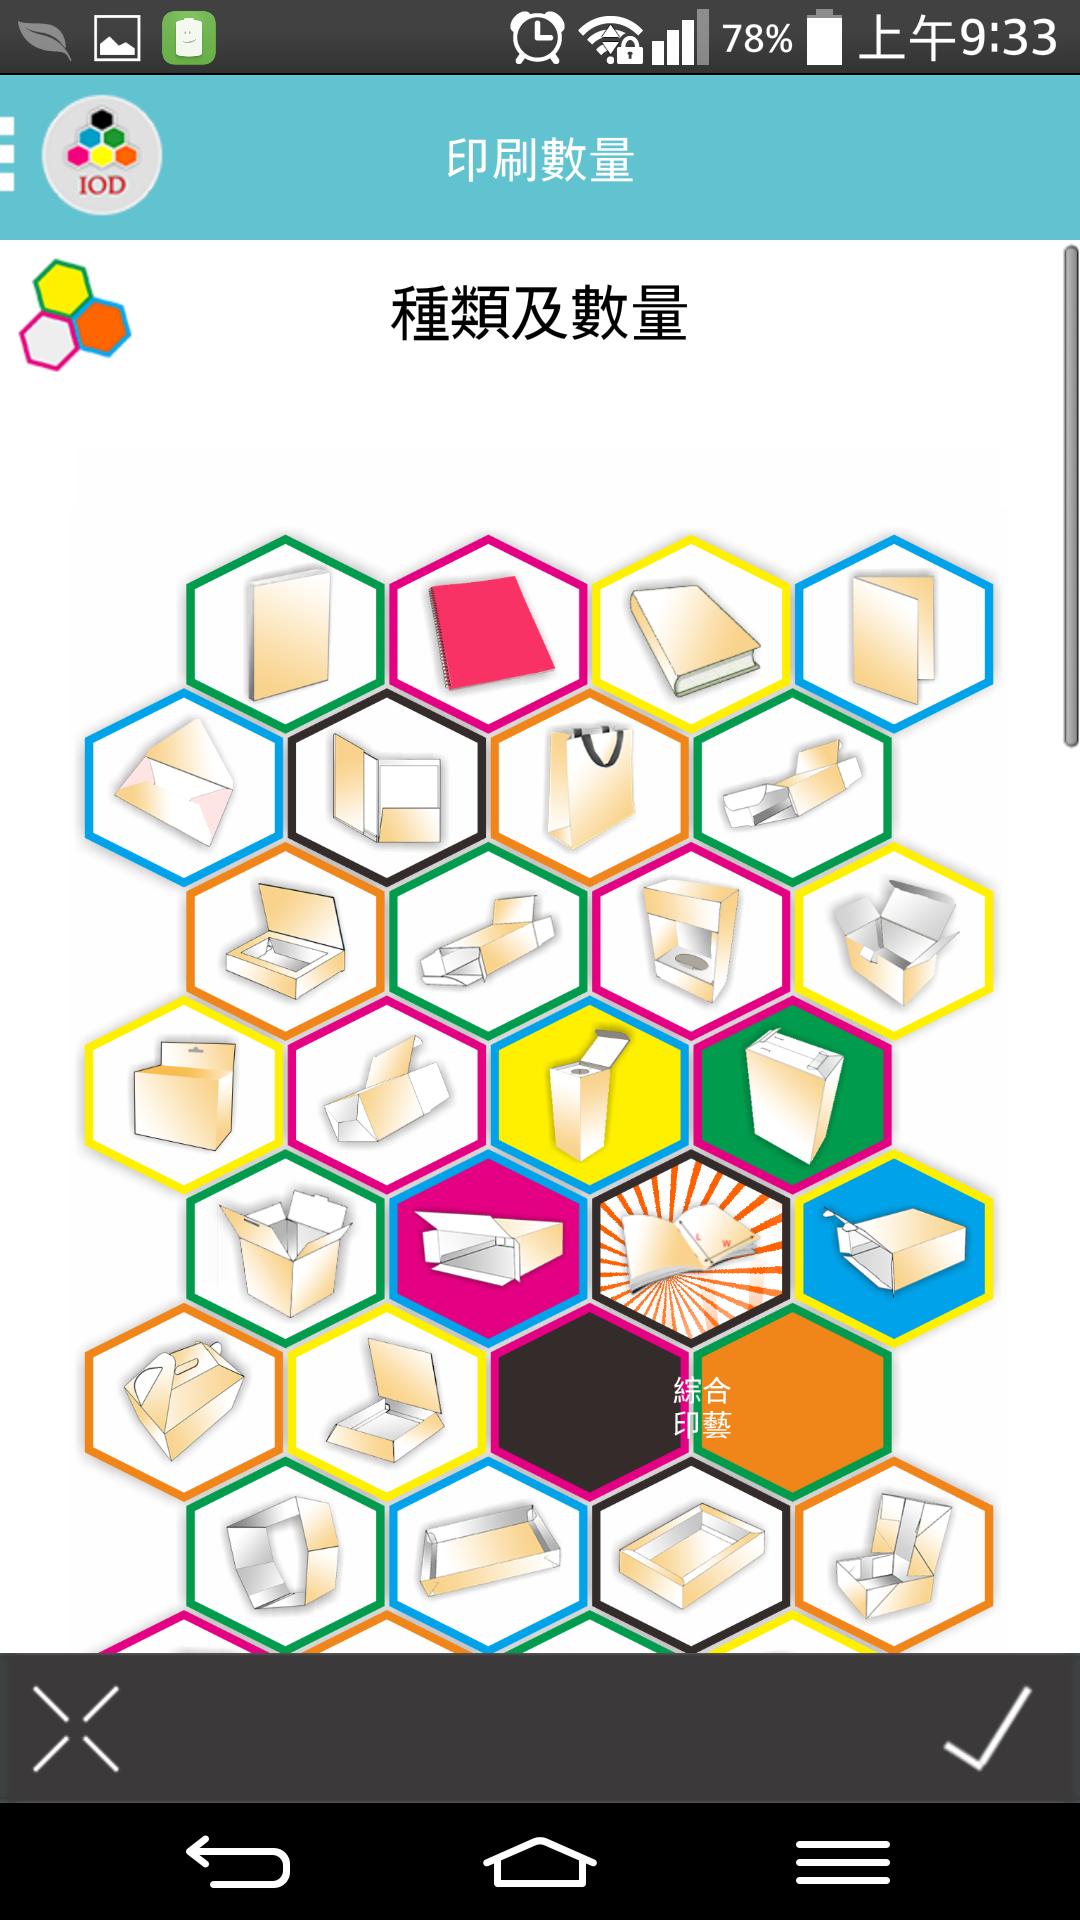 W2P - 綜合印藝 v1.9图